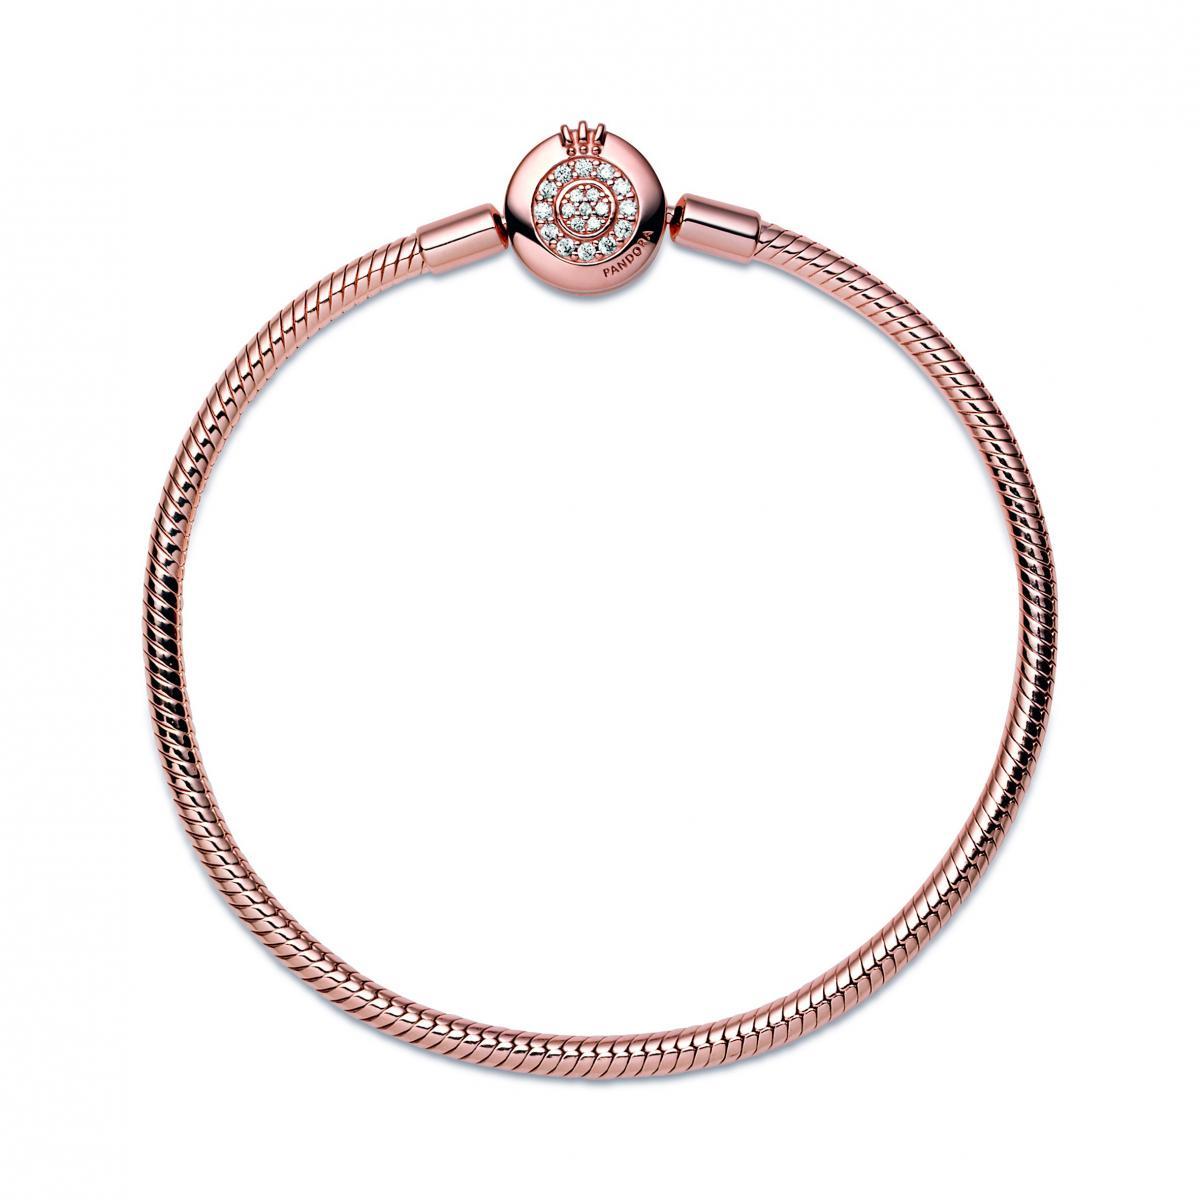 Bracelet Maille Serpent Fermoir O Couronne Scintillant 589046C01 - Bracelet  Femme